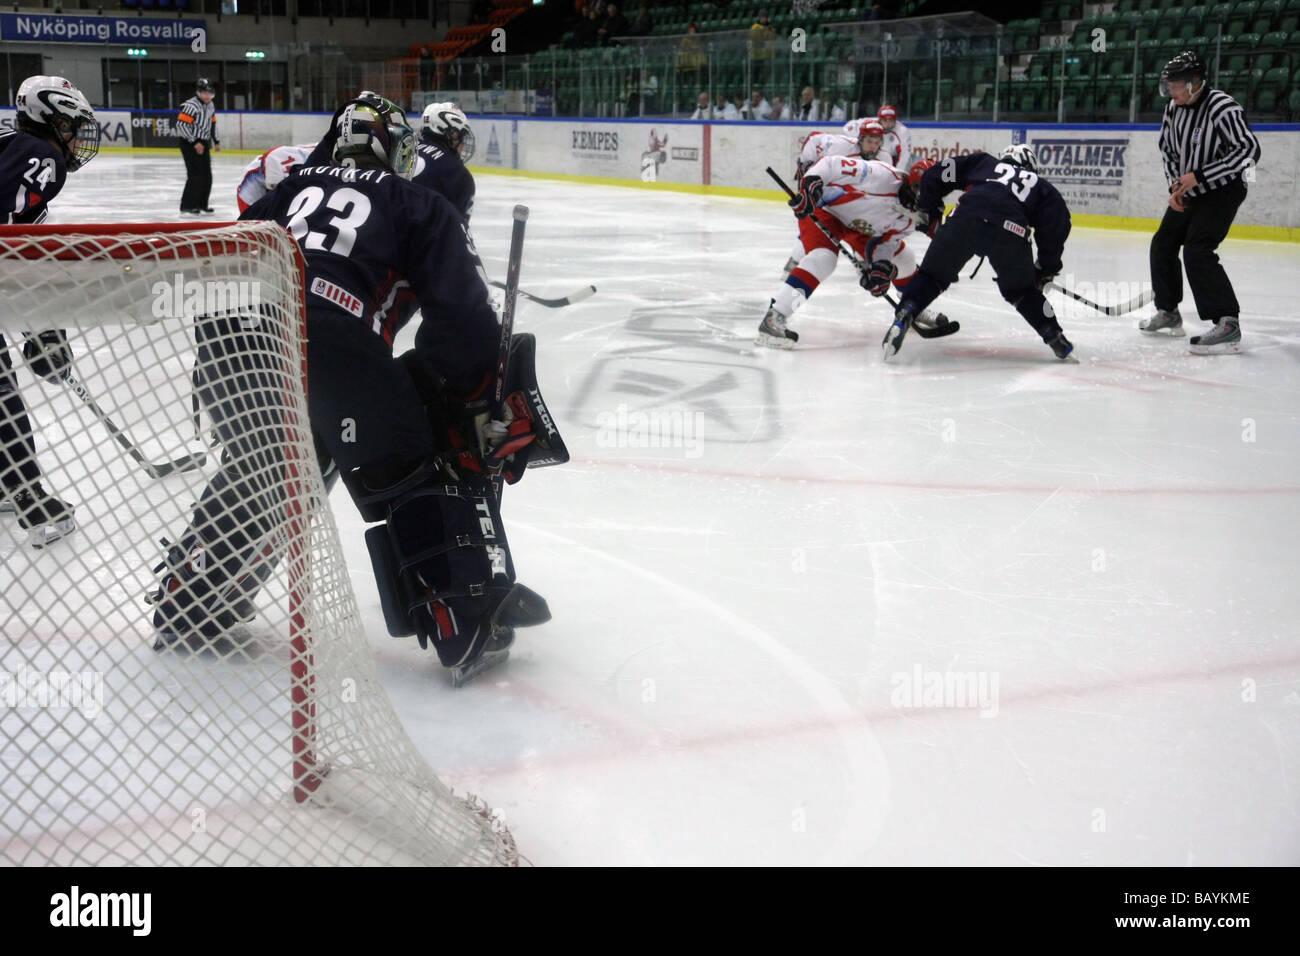 U18 partita di hockey su ghiaccio tra Stati Uniti e Russia. Immagini Stock